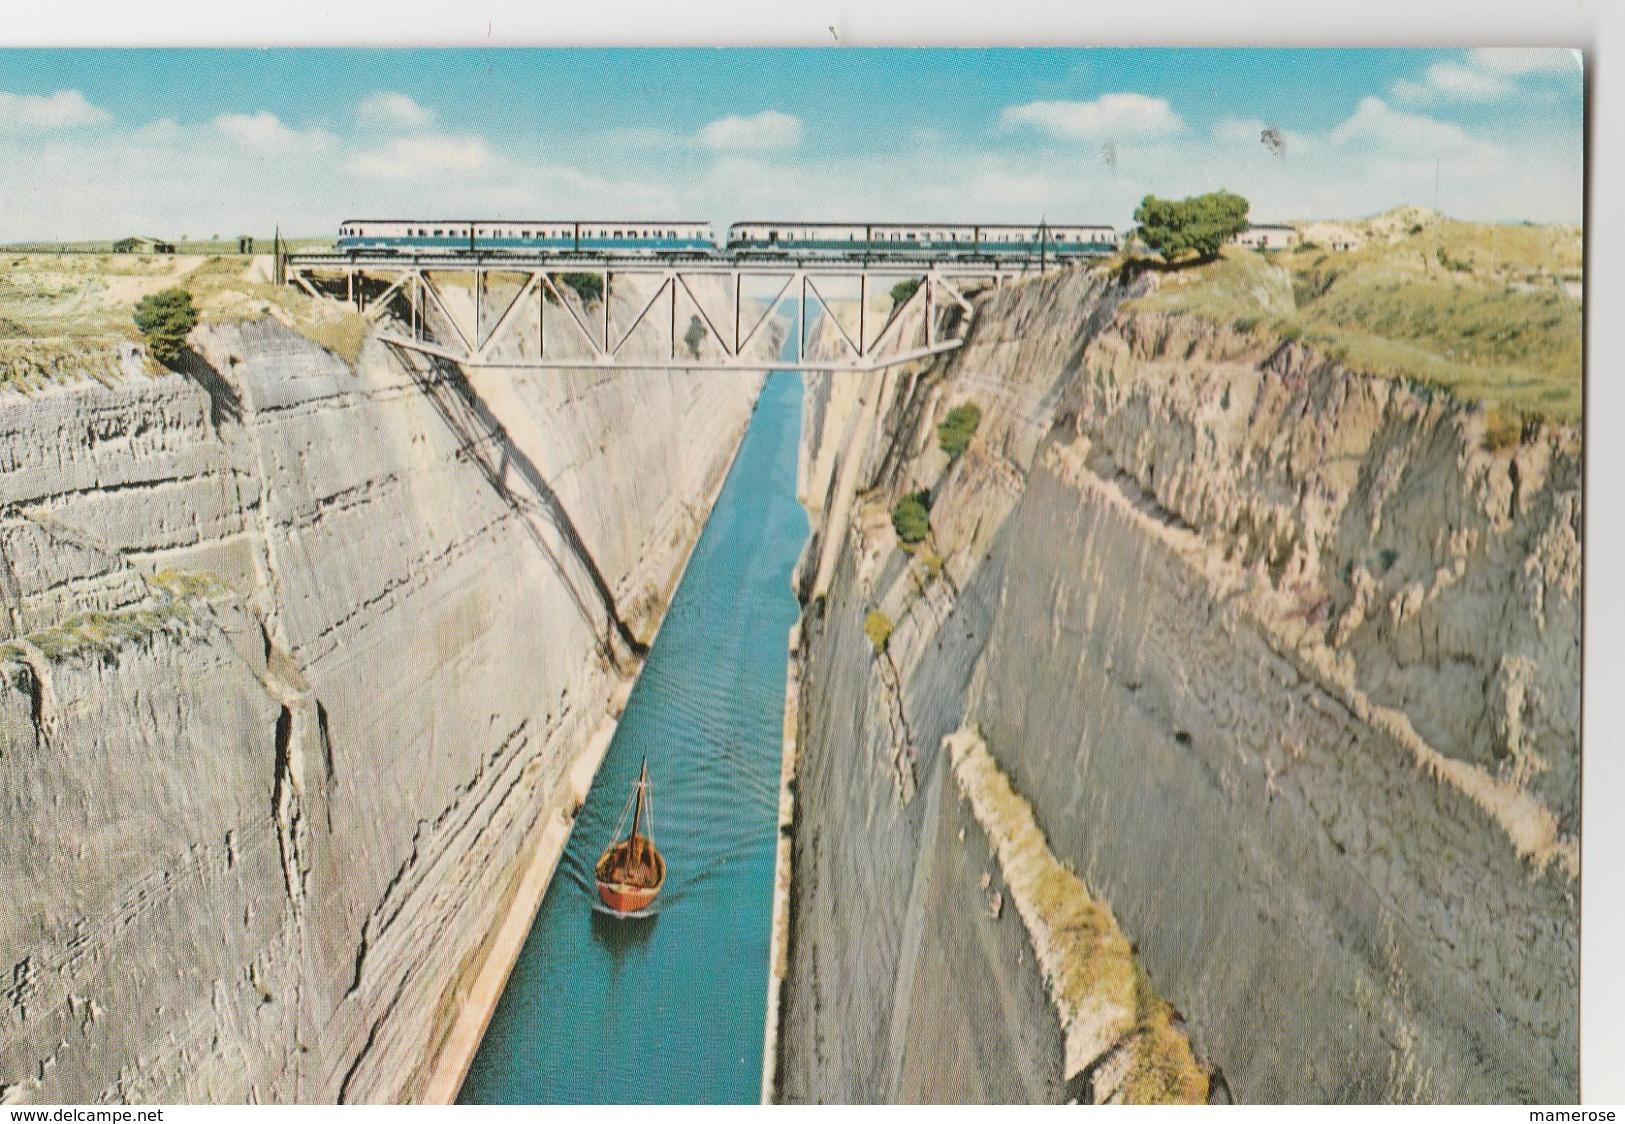 CORINTHE (Grèce). L'Isthme De Corinthe. Le Canal (Bateau). Le Pont Ferroviaire Avec Train - Grecia